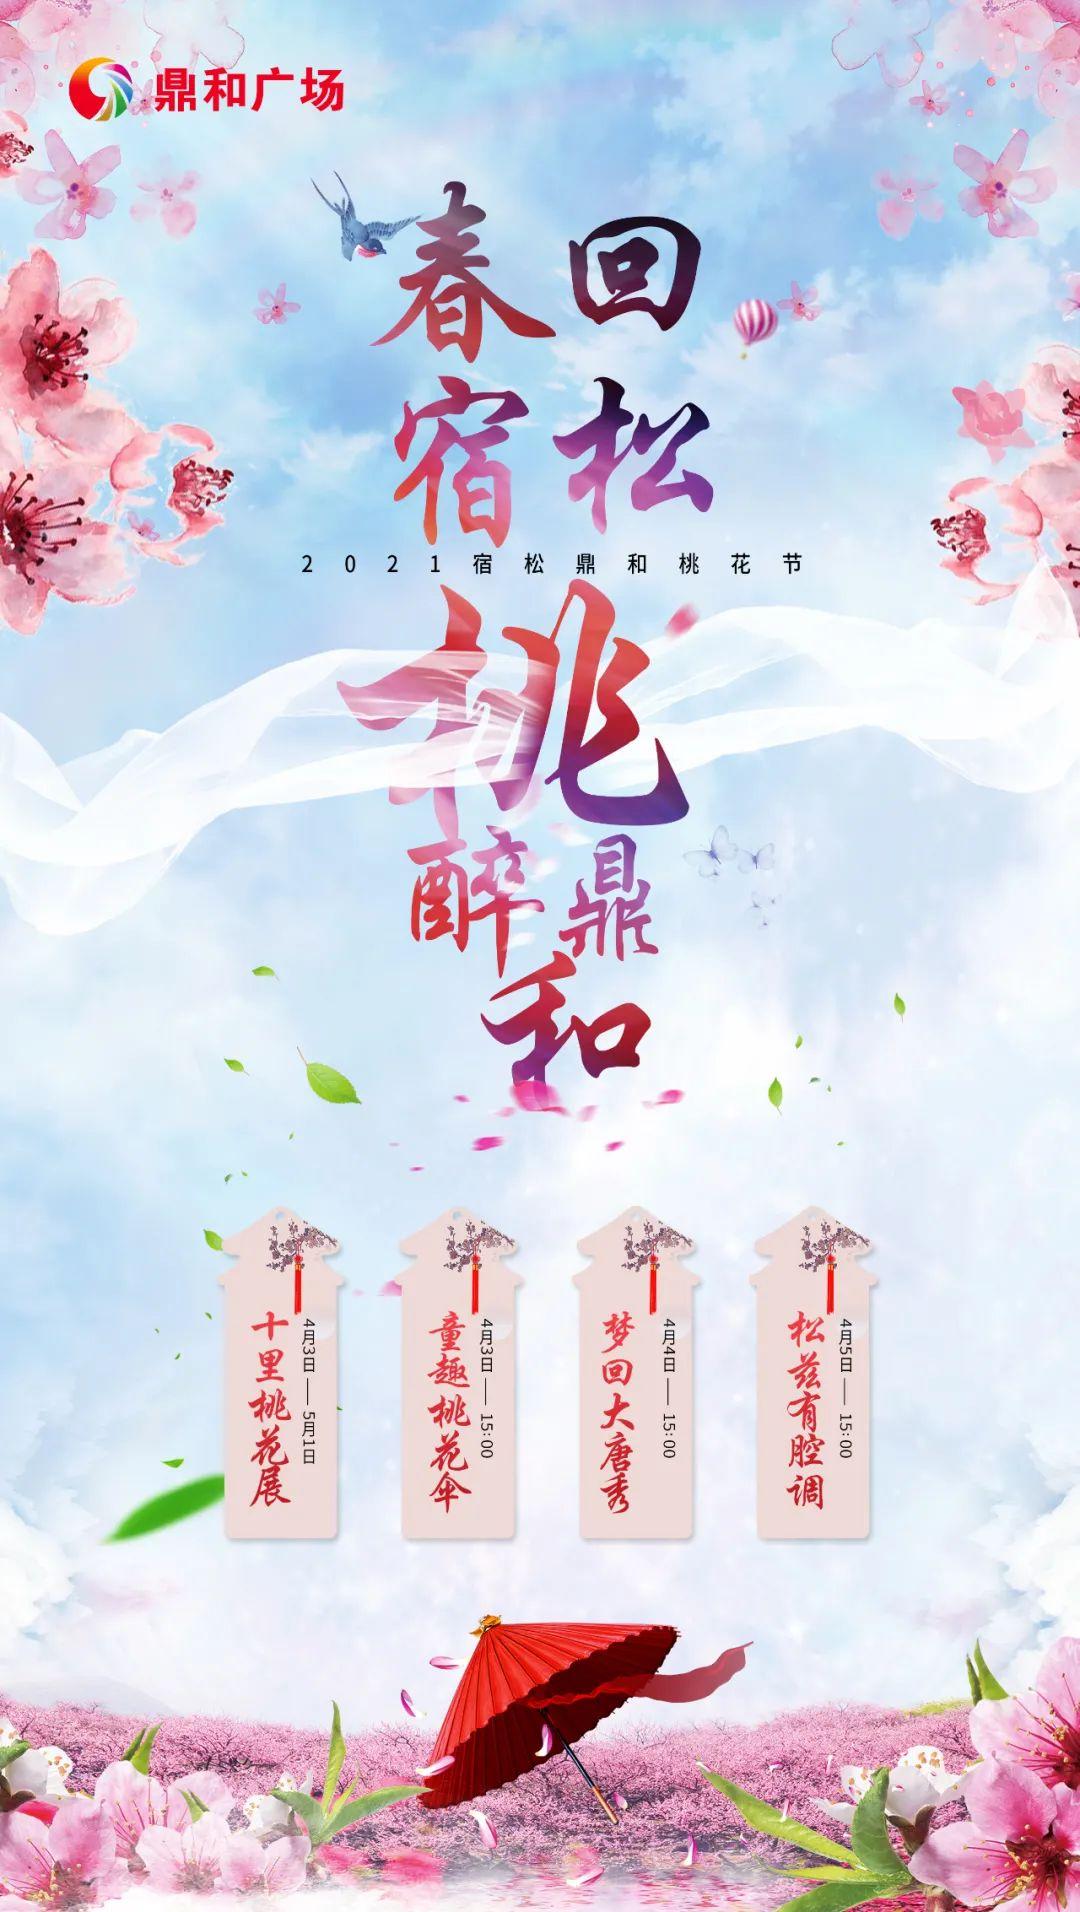 2021宿松鼎和广场桃花节4月3日唯美绽放,惊喜福利免费送!